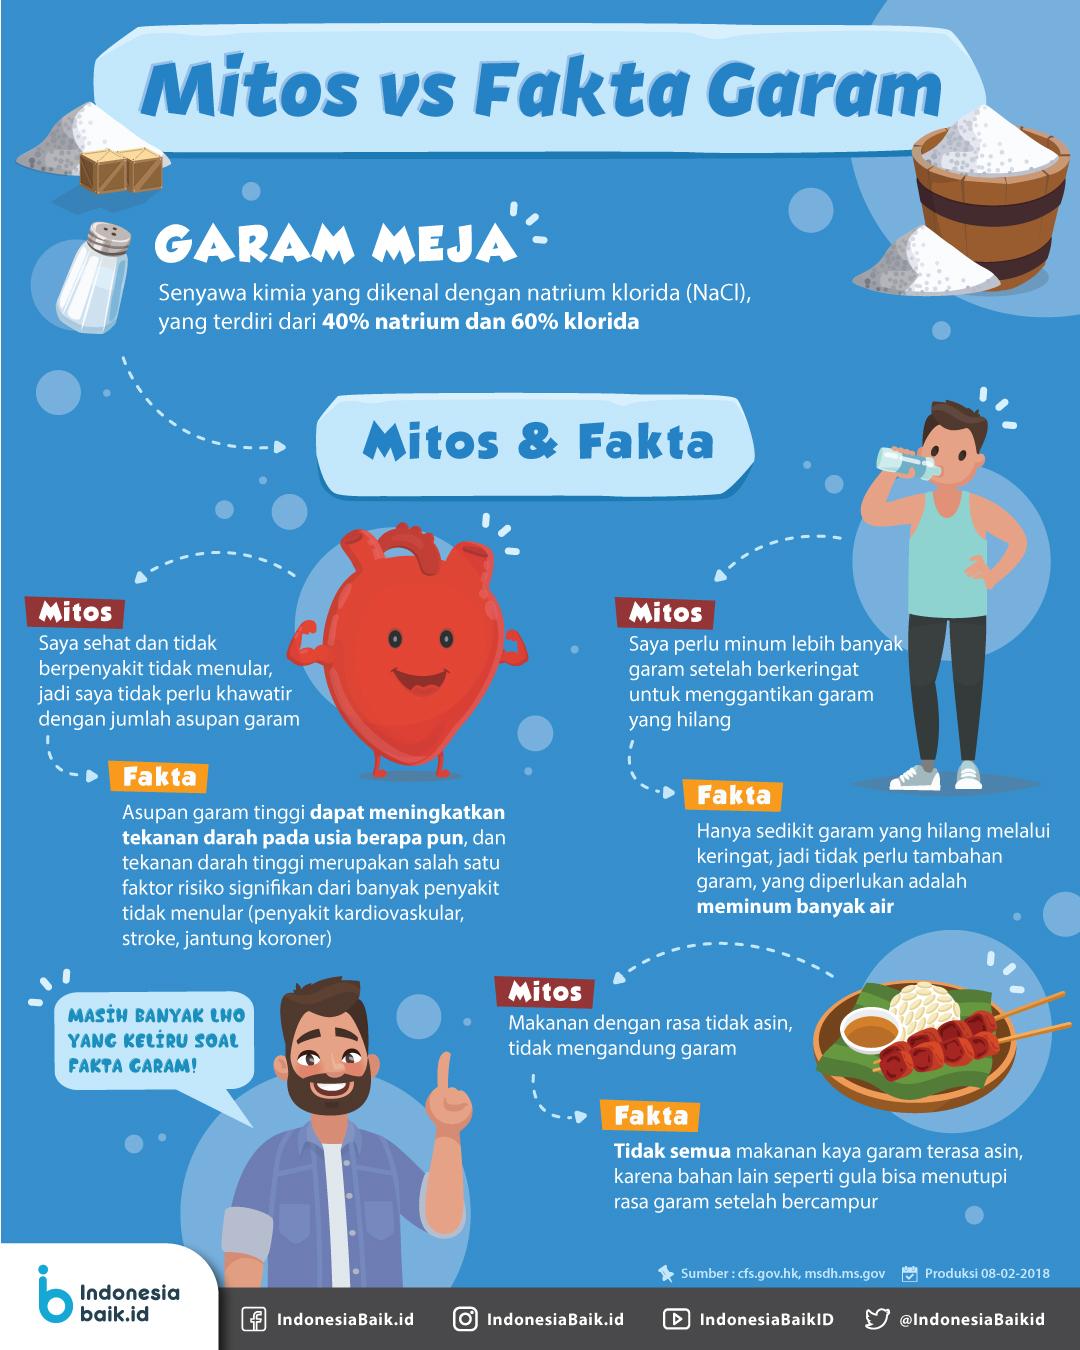 Mitos vs Fakta Garam